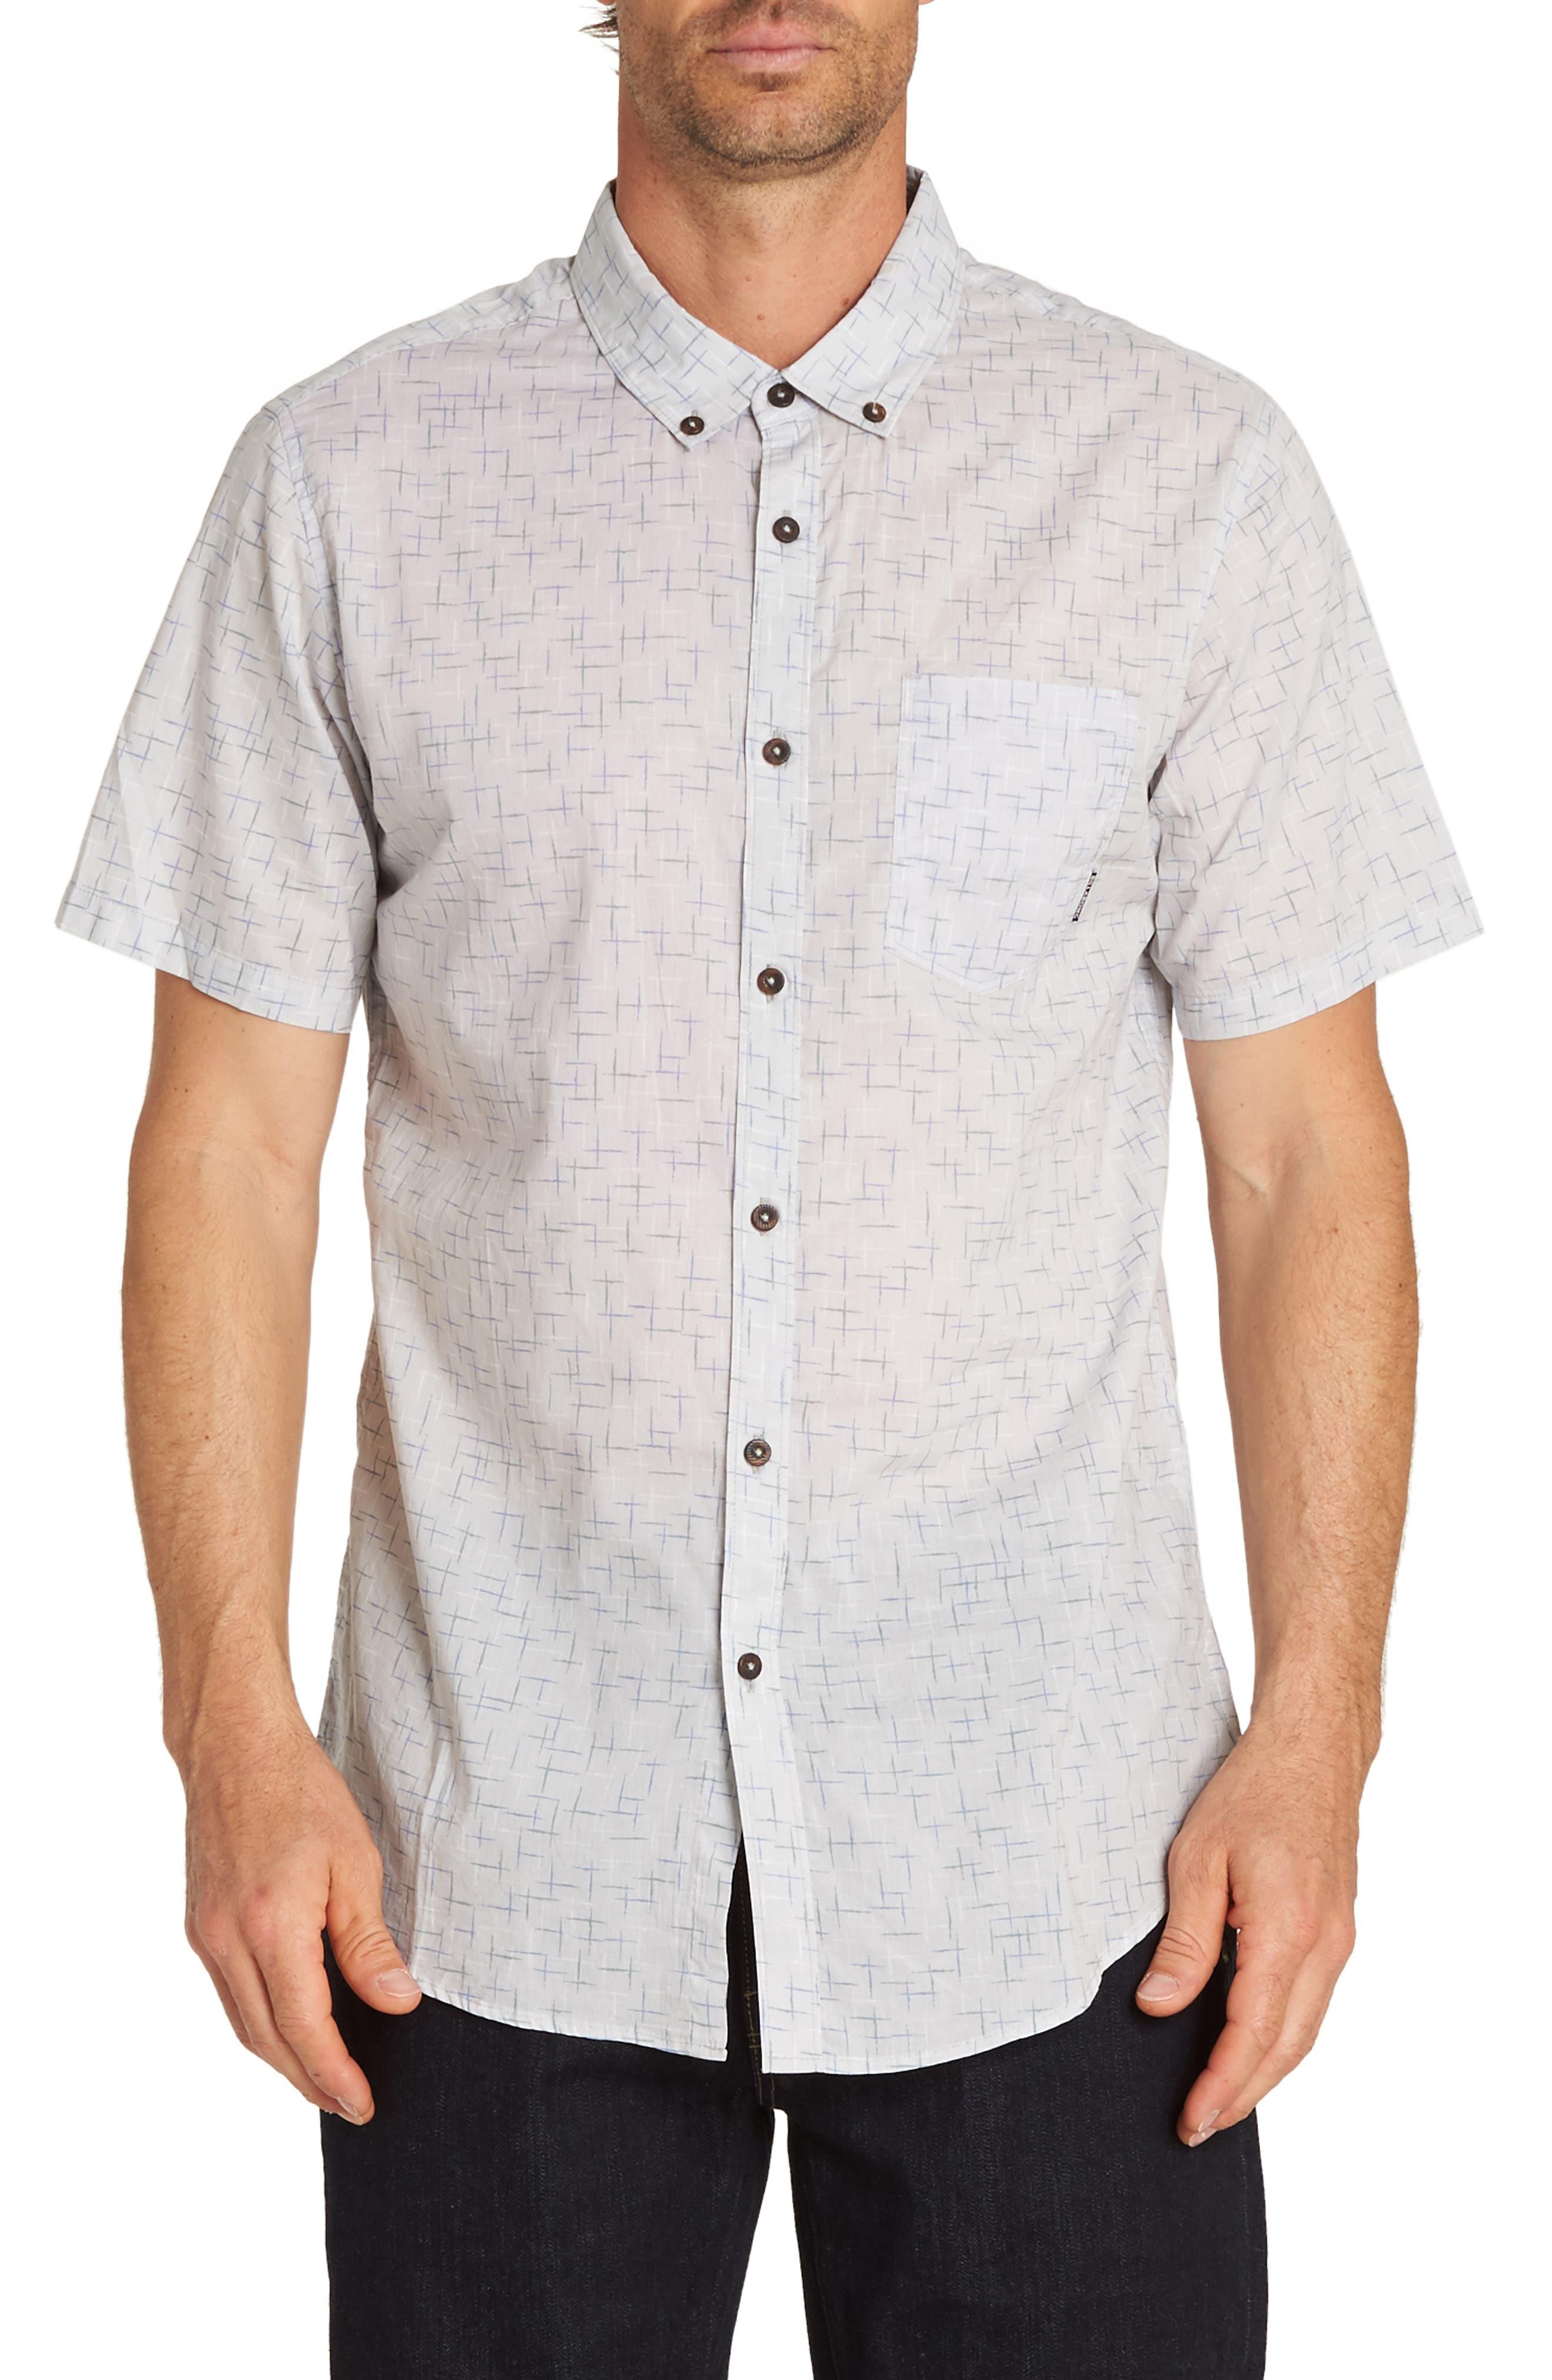 Sundays Mini Woven Shirt,                             Main thumbnail 1, color,                             BONE